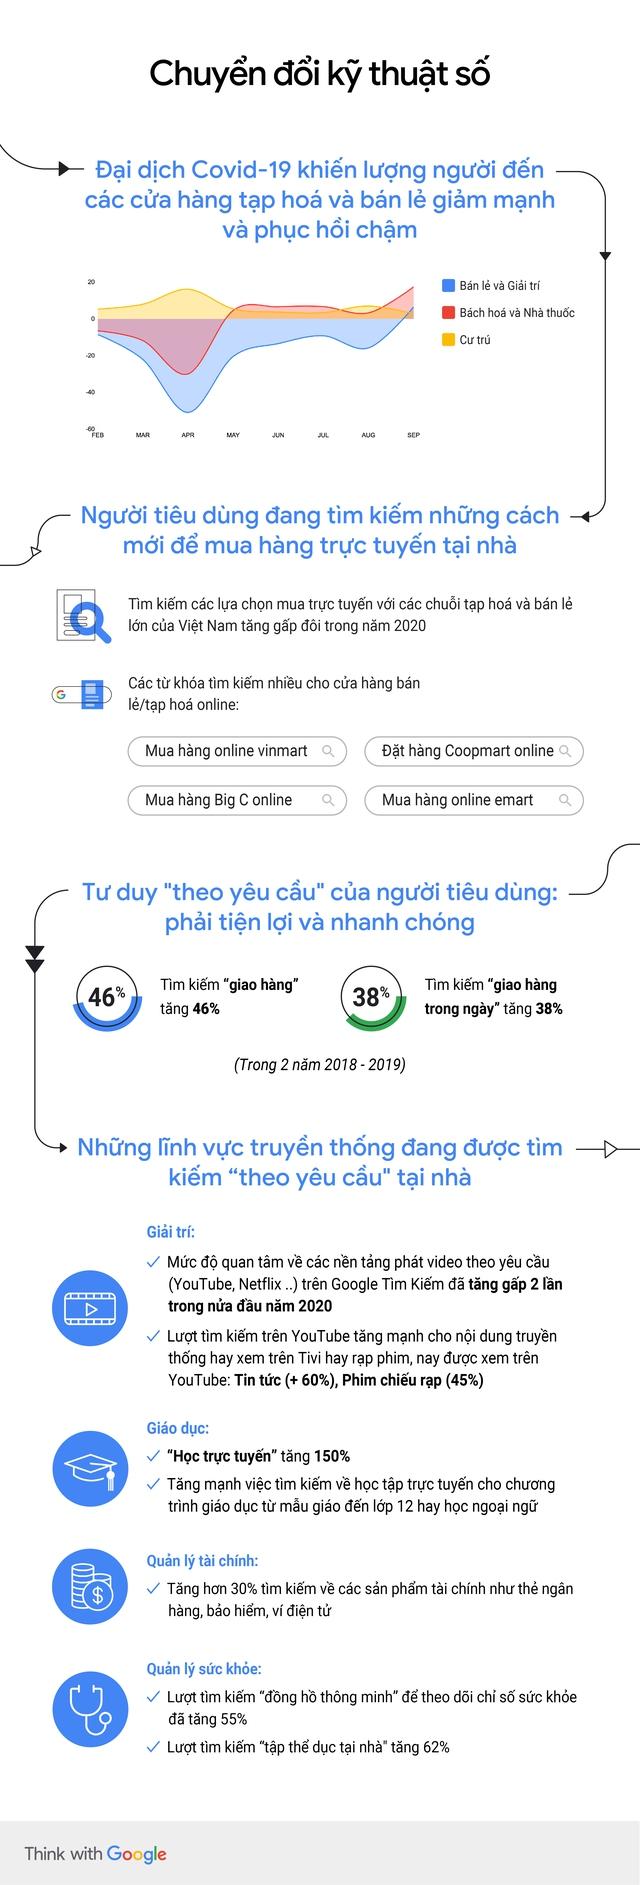 [Infographic] Người tiêu dùng tìm cách mới để mua hàng trực tuyến tại nhà - Ảnh 1.